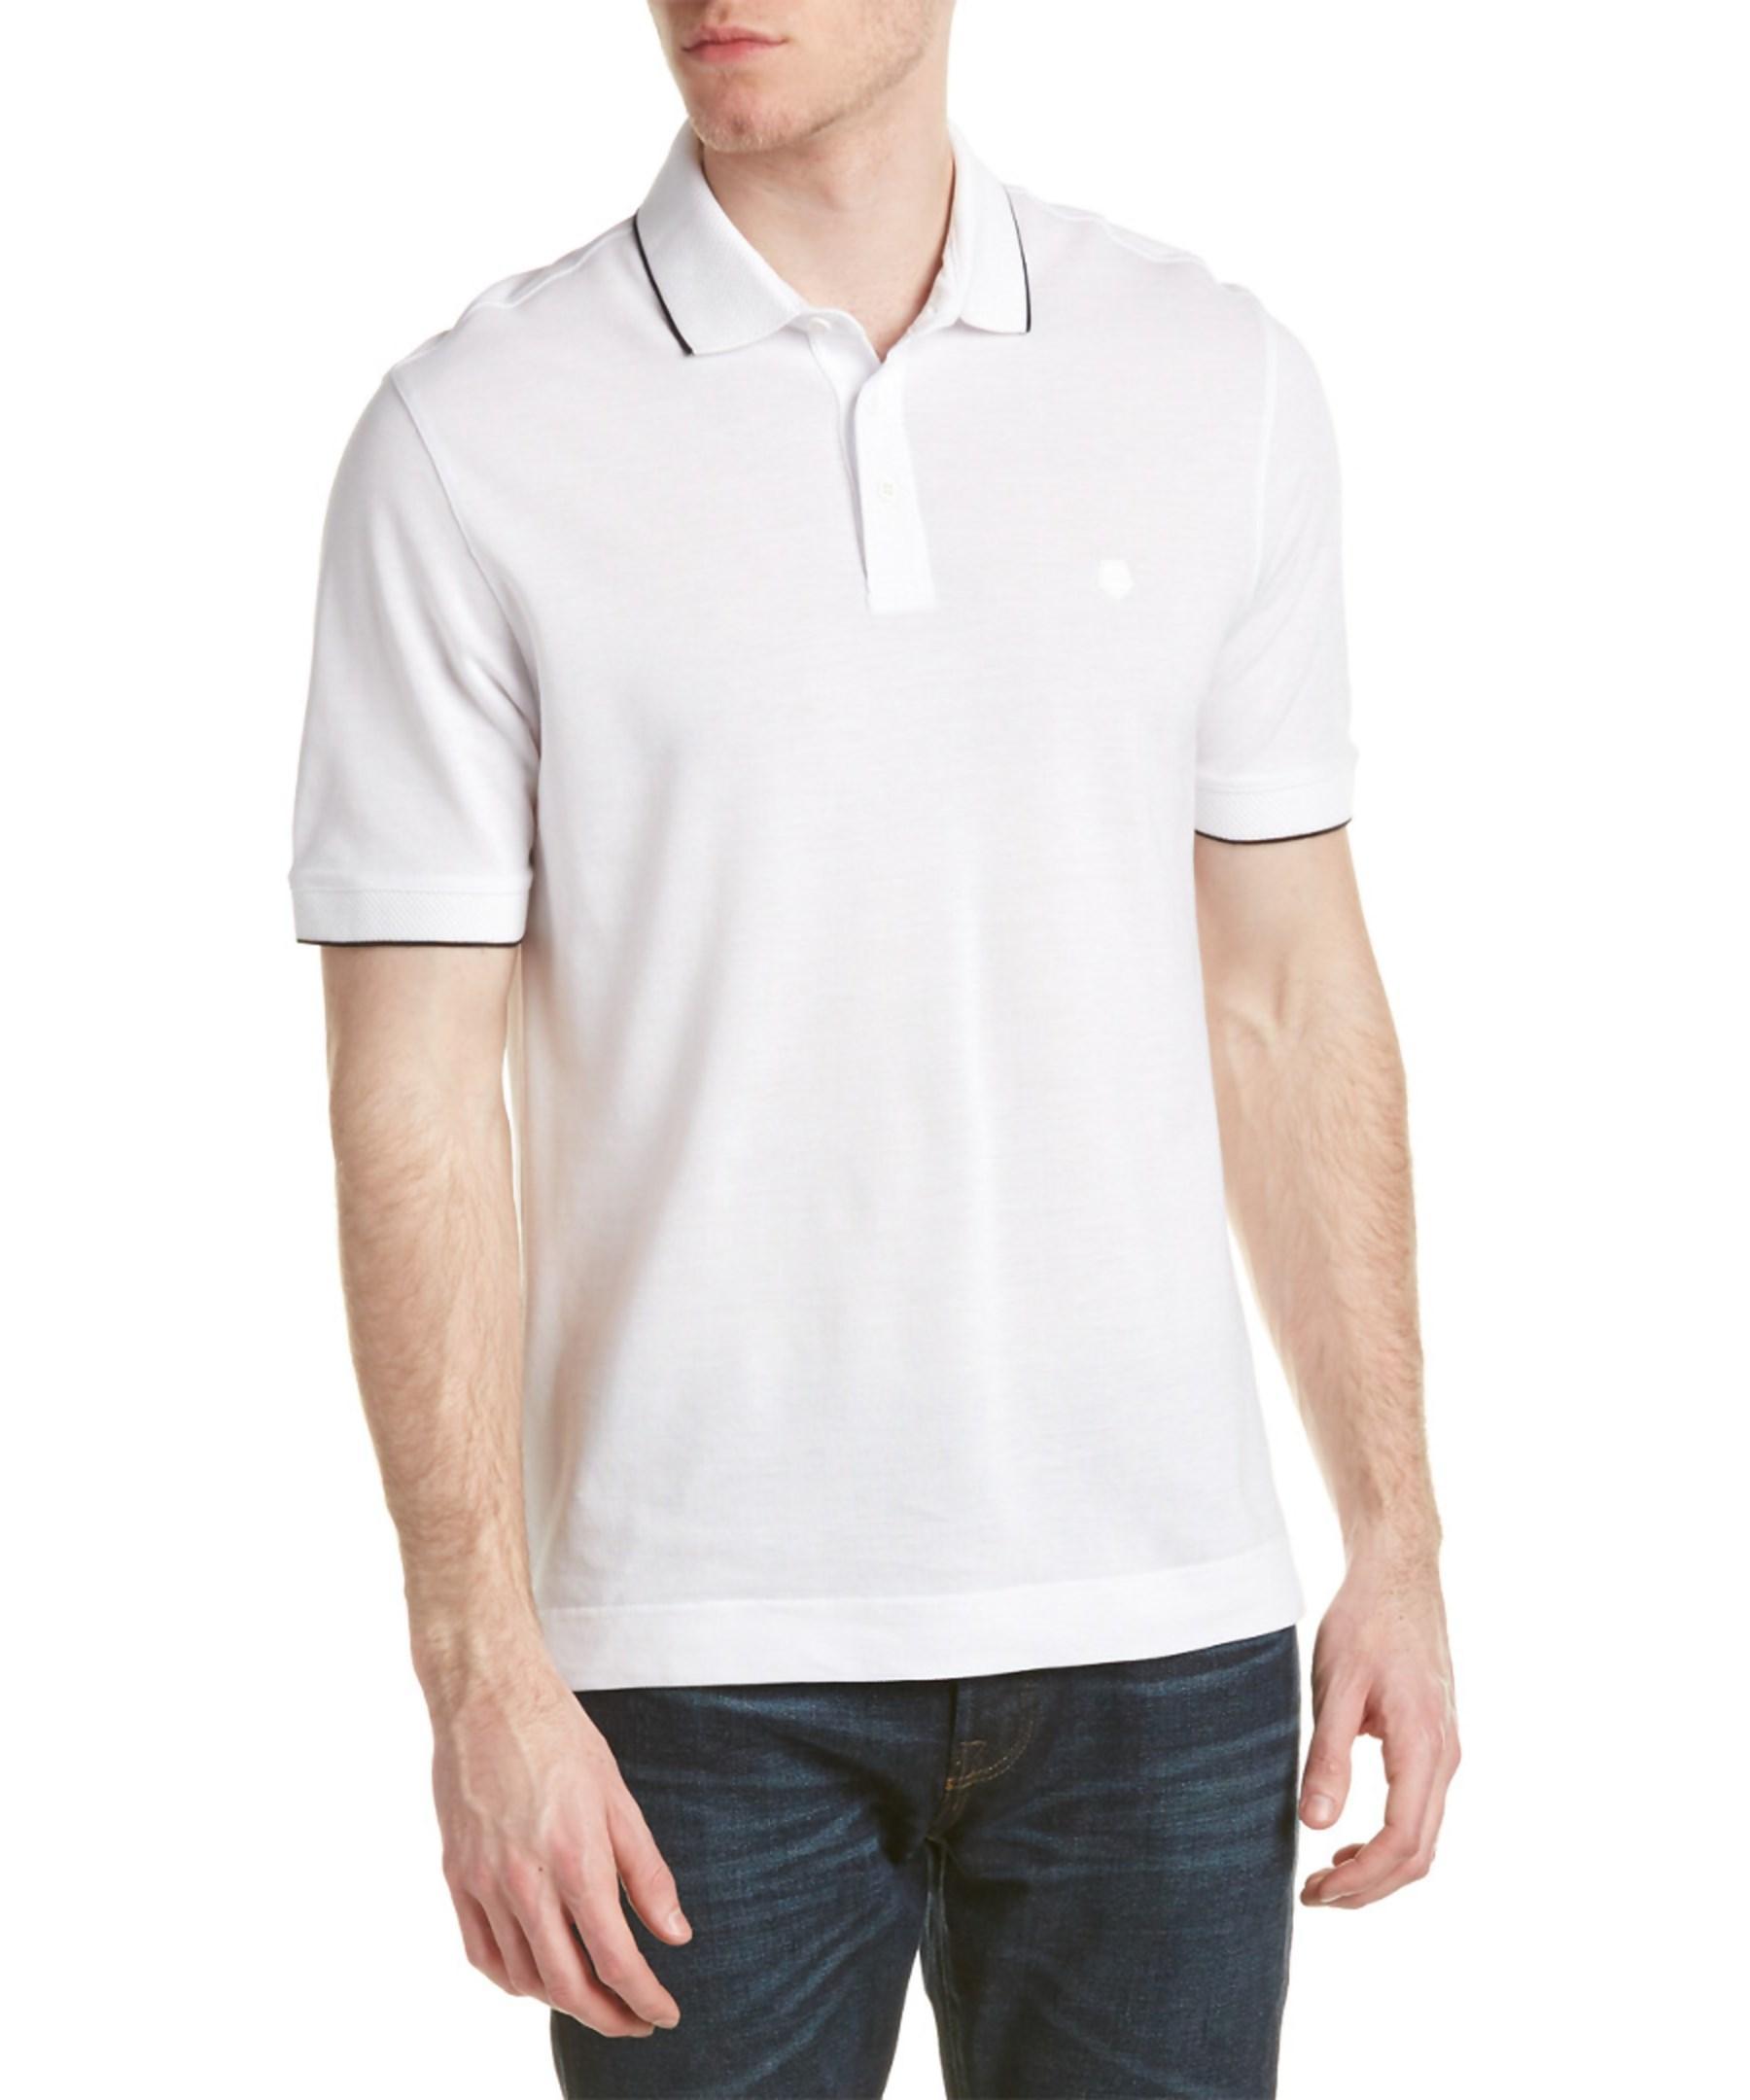 Ermenegildo zegna z polo shirt in white for men lyst for Zegna polo shirts sale